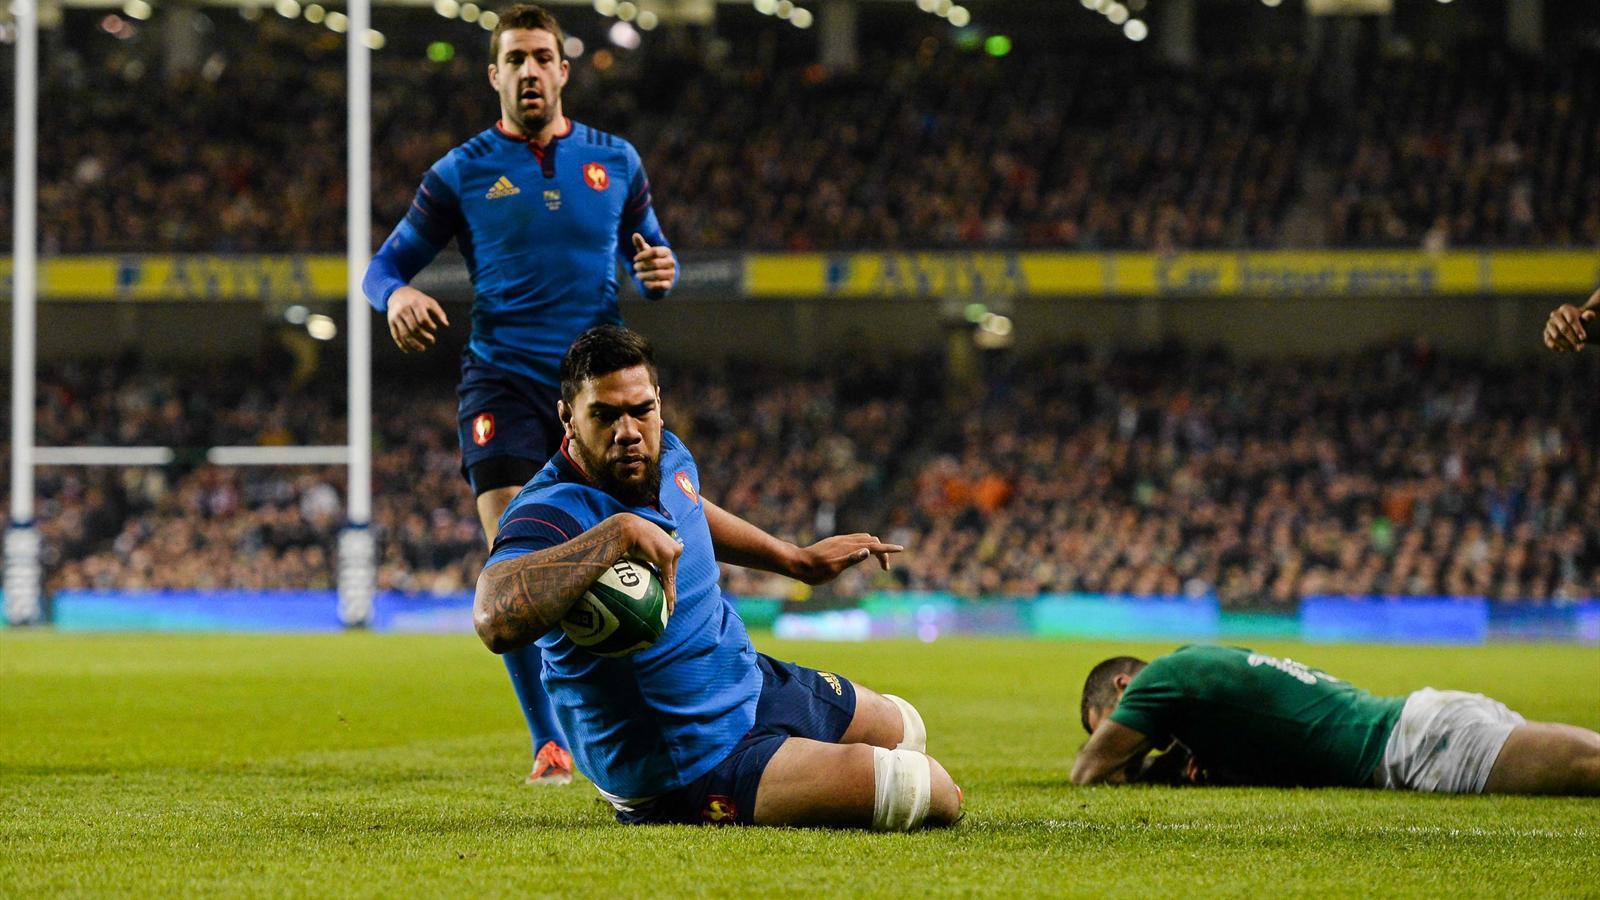 Tournoi des 6 nations un essai exceptionnel selon saint andr 6 nations 2015 rugby - Coupe des 6 nations 2015 ...